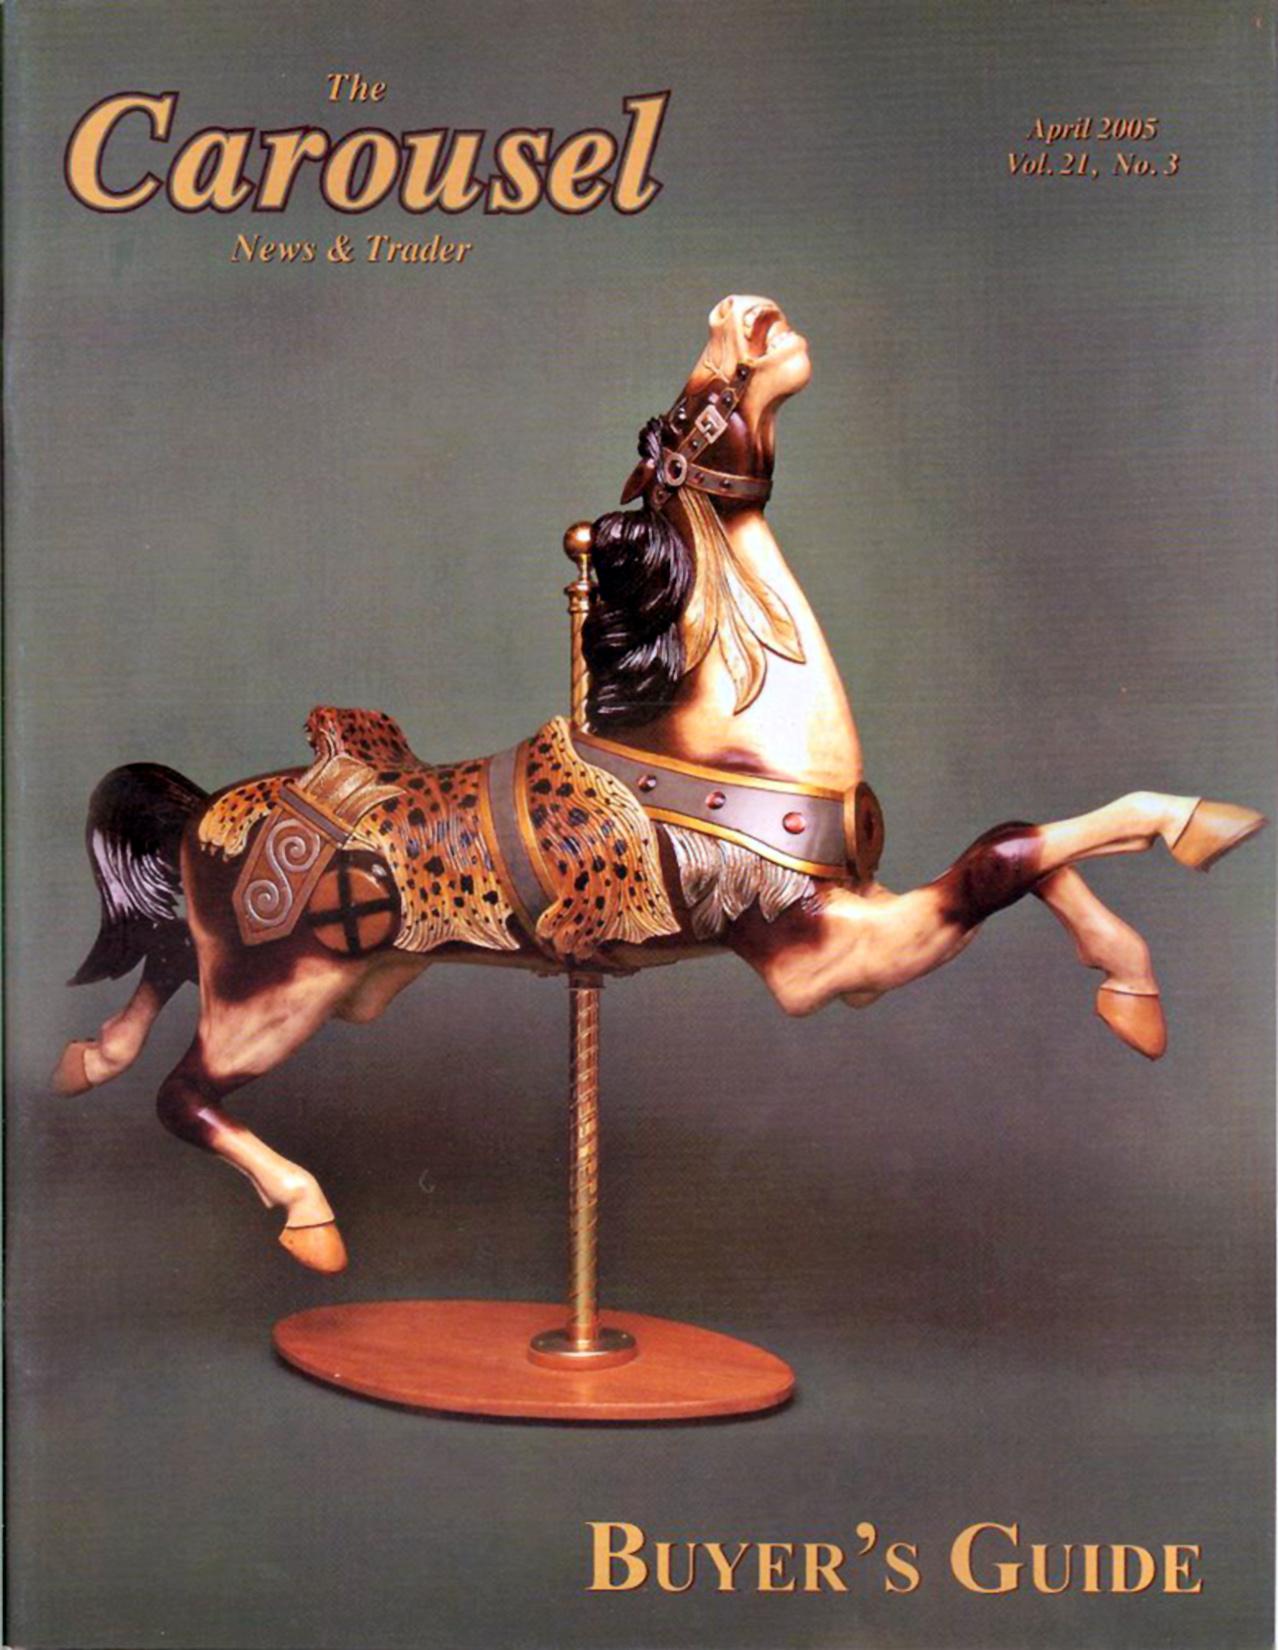 Carousel-news-cover-4_2005-C-W-Parker-pelt-saddle-stargazer